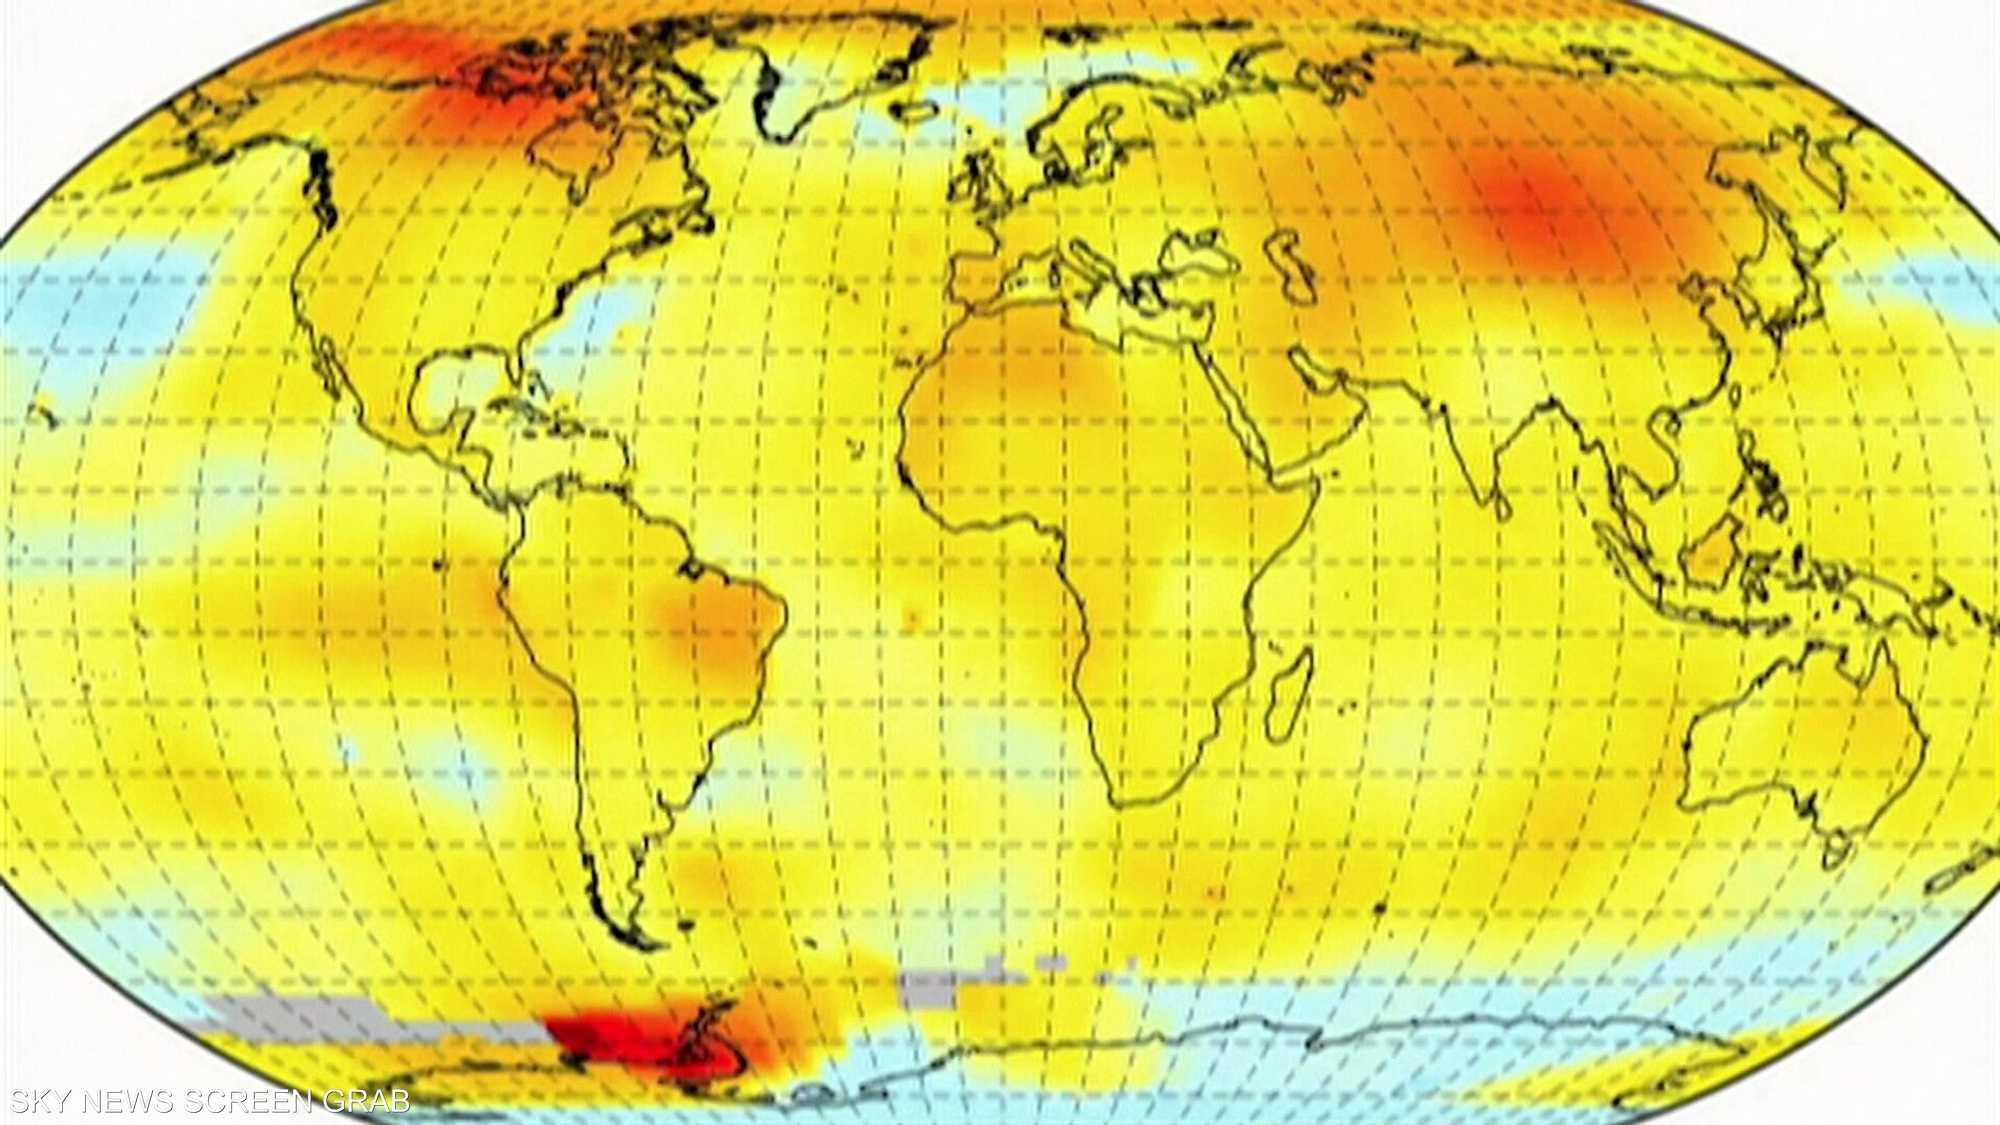 الأرض قد تواجه ارتفاعا في الرطوبة والحرارة يتجاوز تحمل البشر